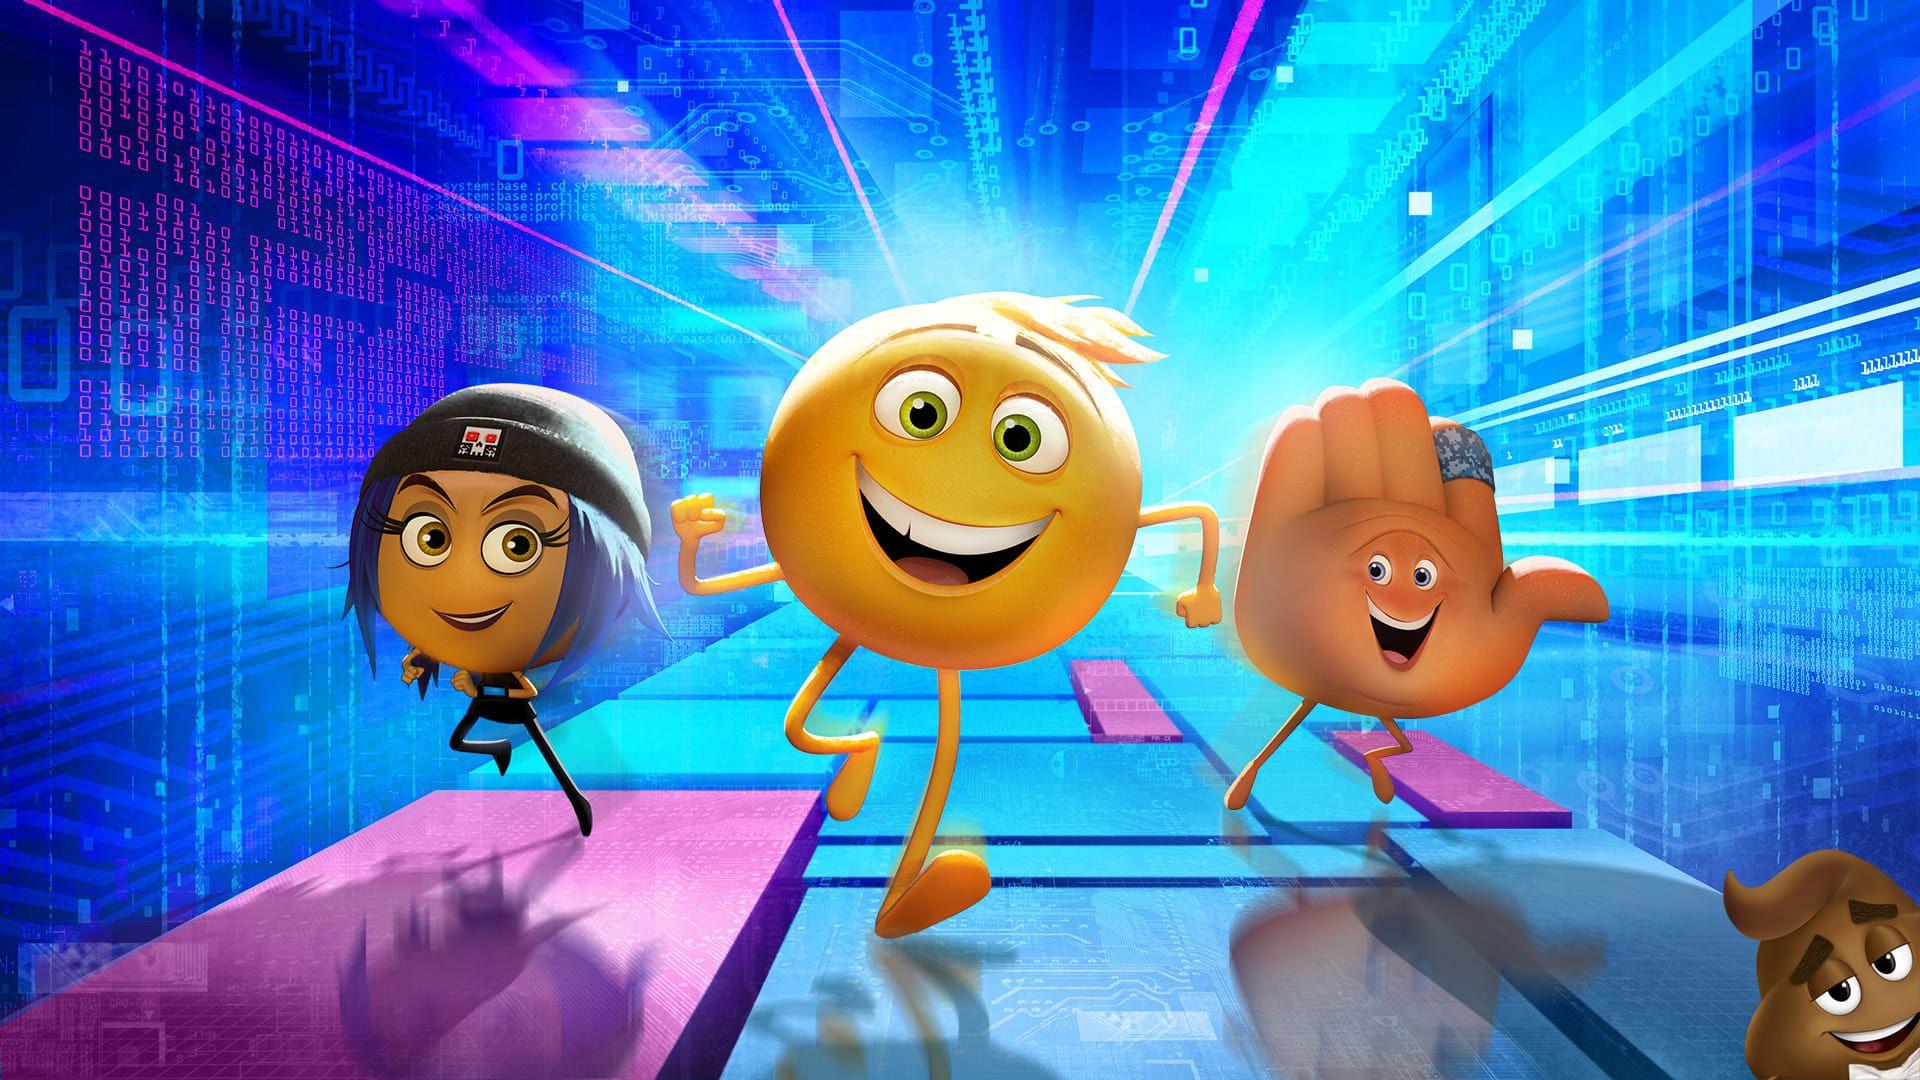 The Emoji Movie 2017 Putlocker Film Complet Streaming The Emoji Movie Tar Dig Med Till En Hemlig Varld Inuti Din Smartphon Emoji Movie Movie Teaser Emoji